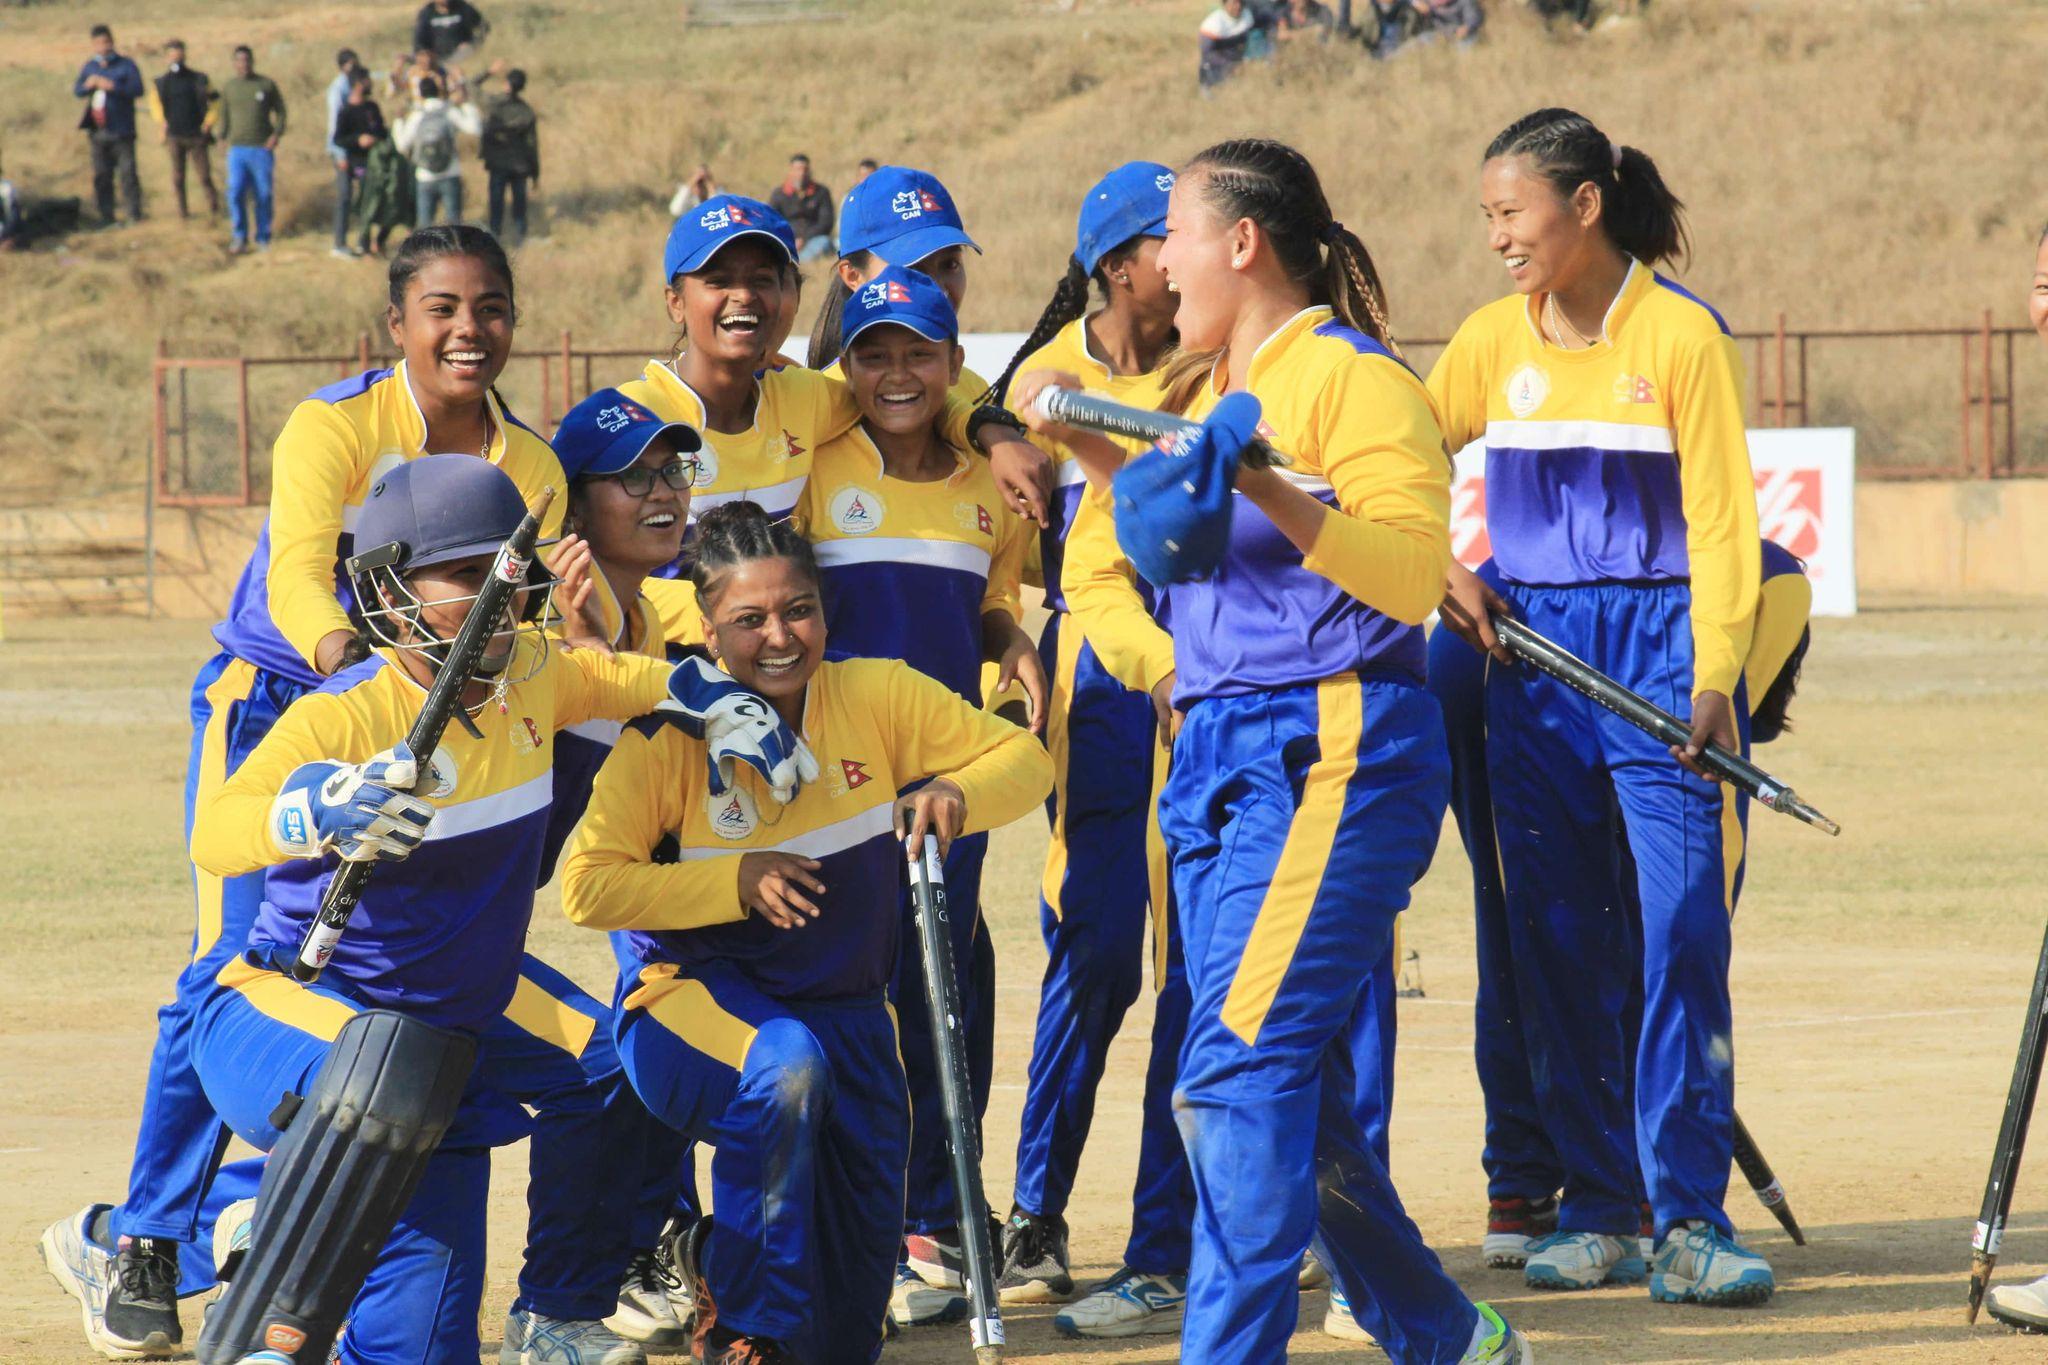 प्रदेश १ ले प्रधानमन्त्री कप महिला राष्ट्रिय क्रिकेट प्रतियोगिताको उपाधि जिते